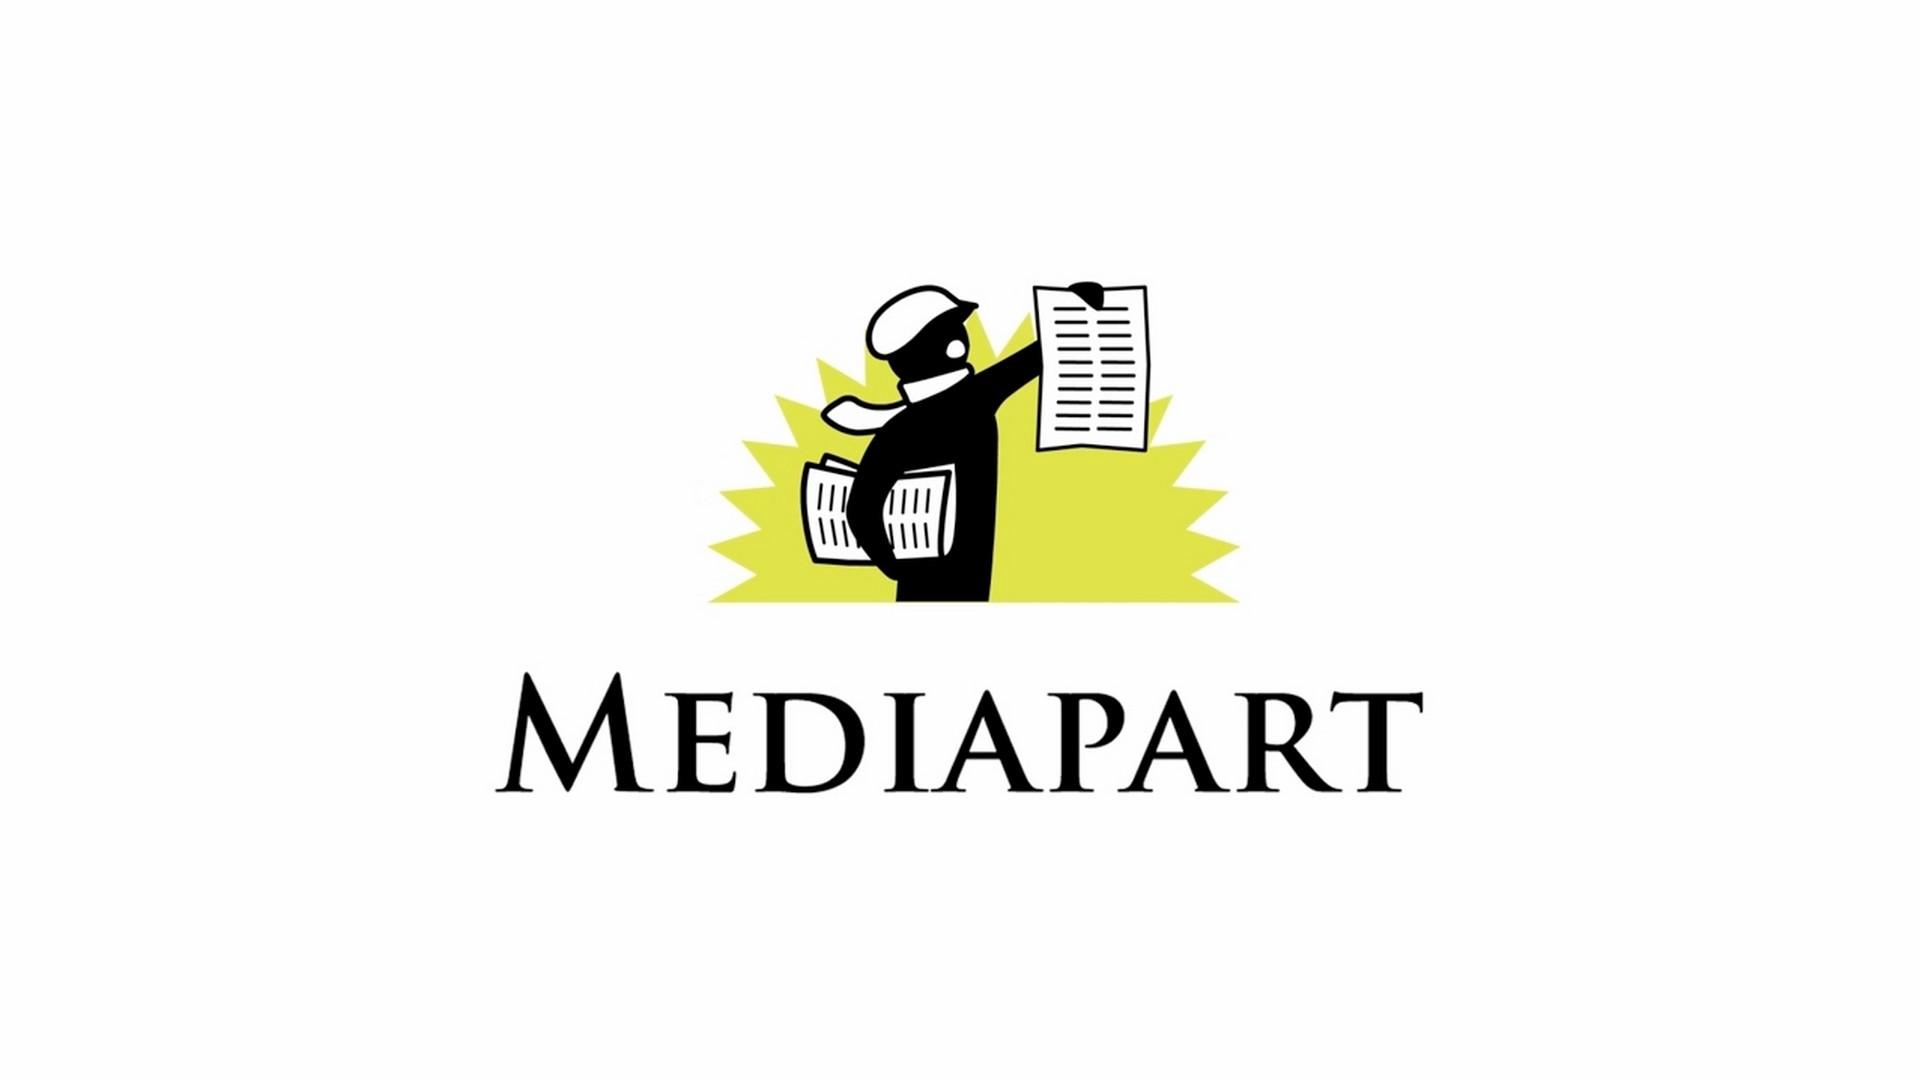 Mediapart (1) logo